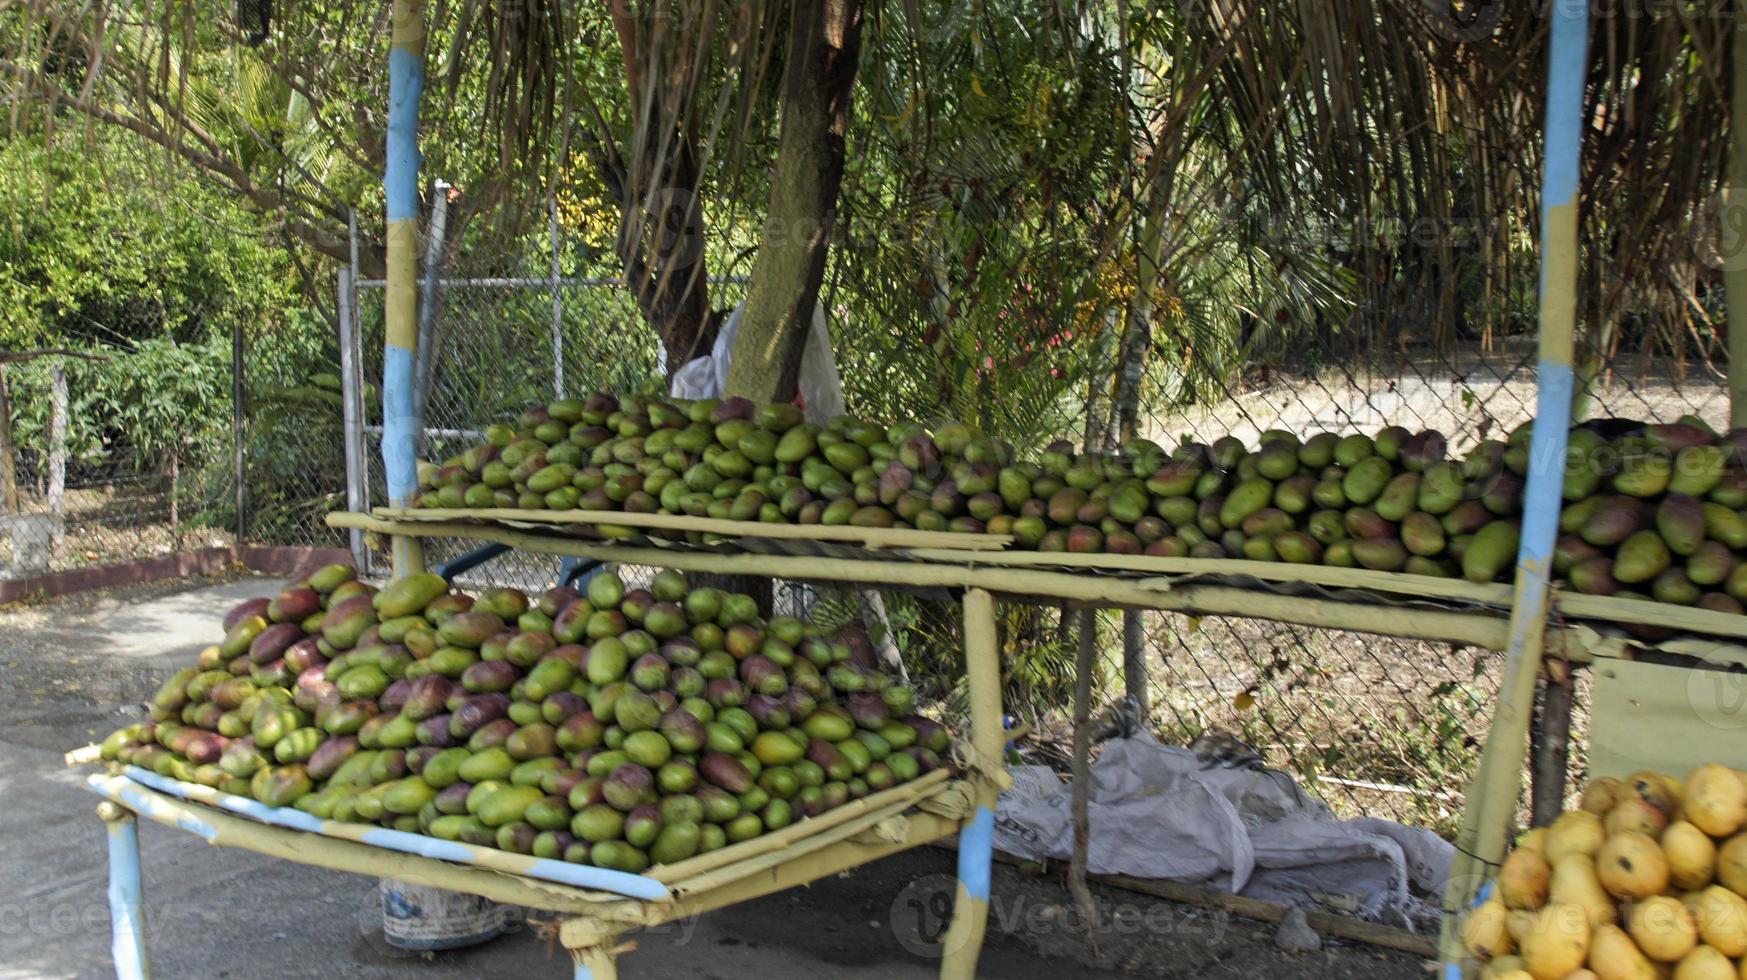 fruit market photo